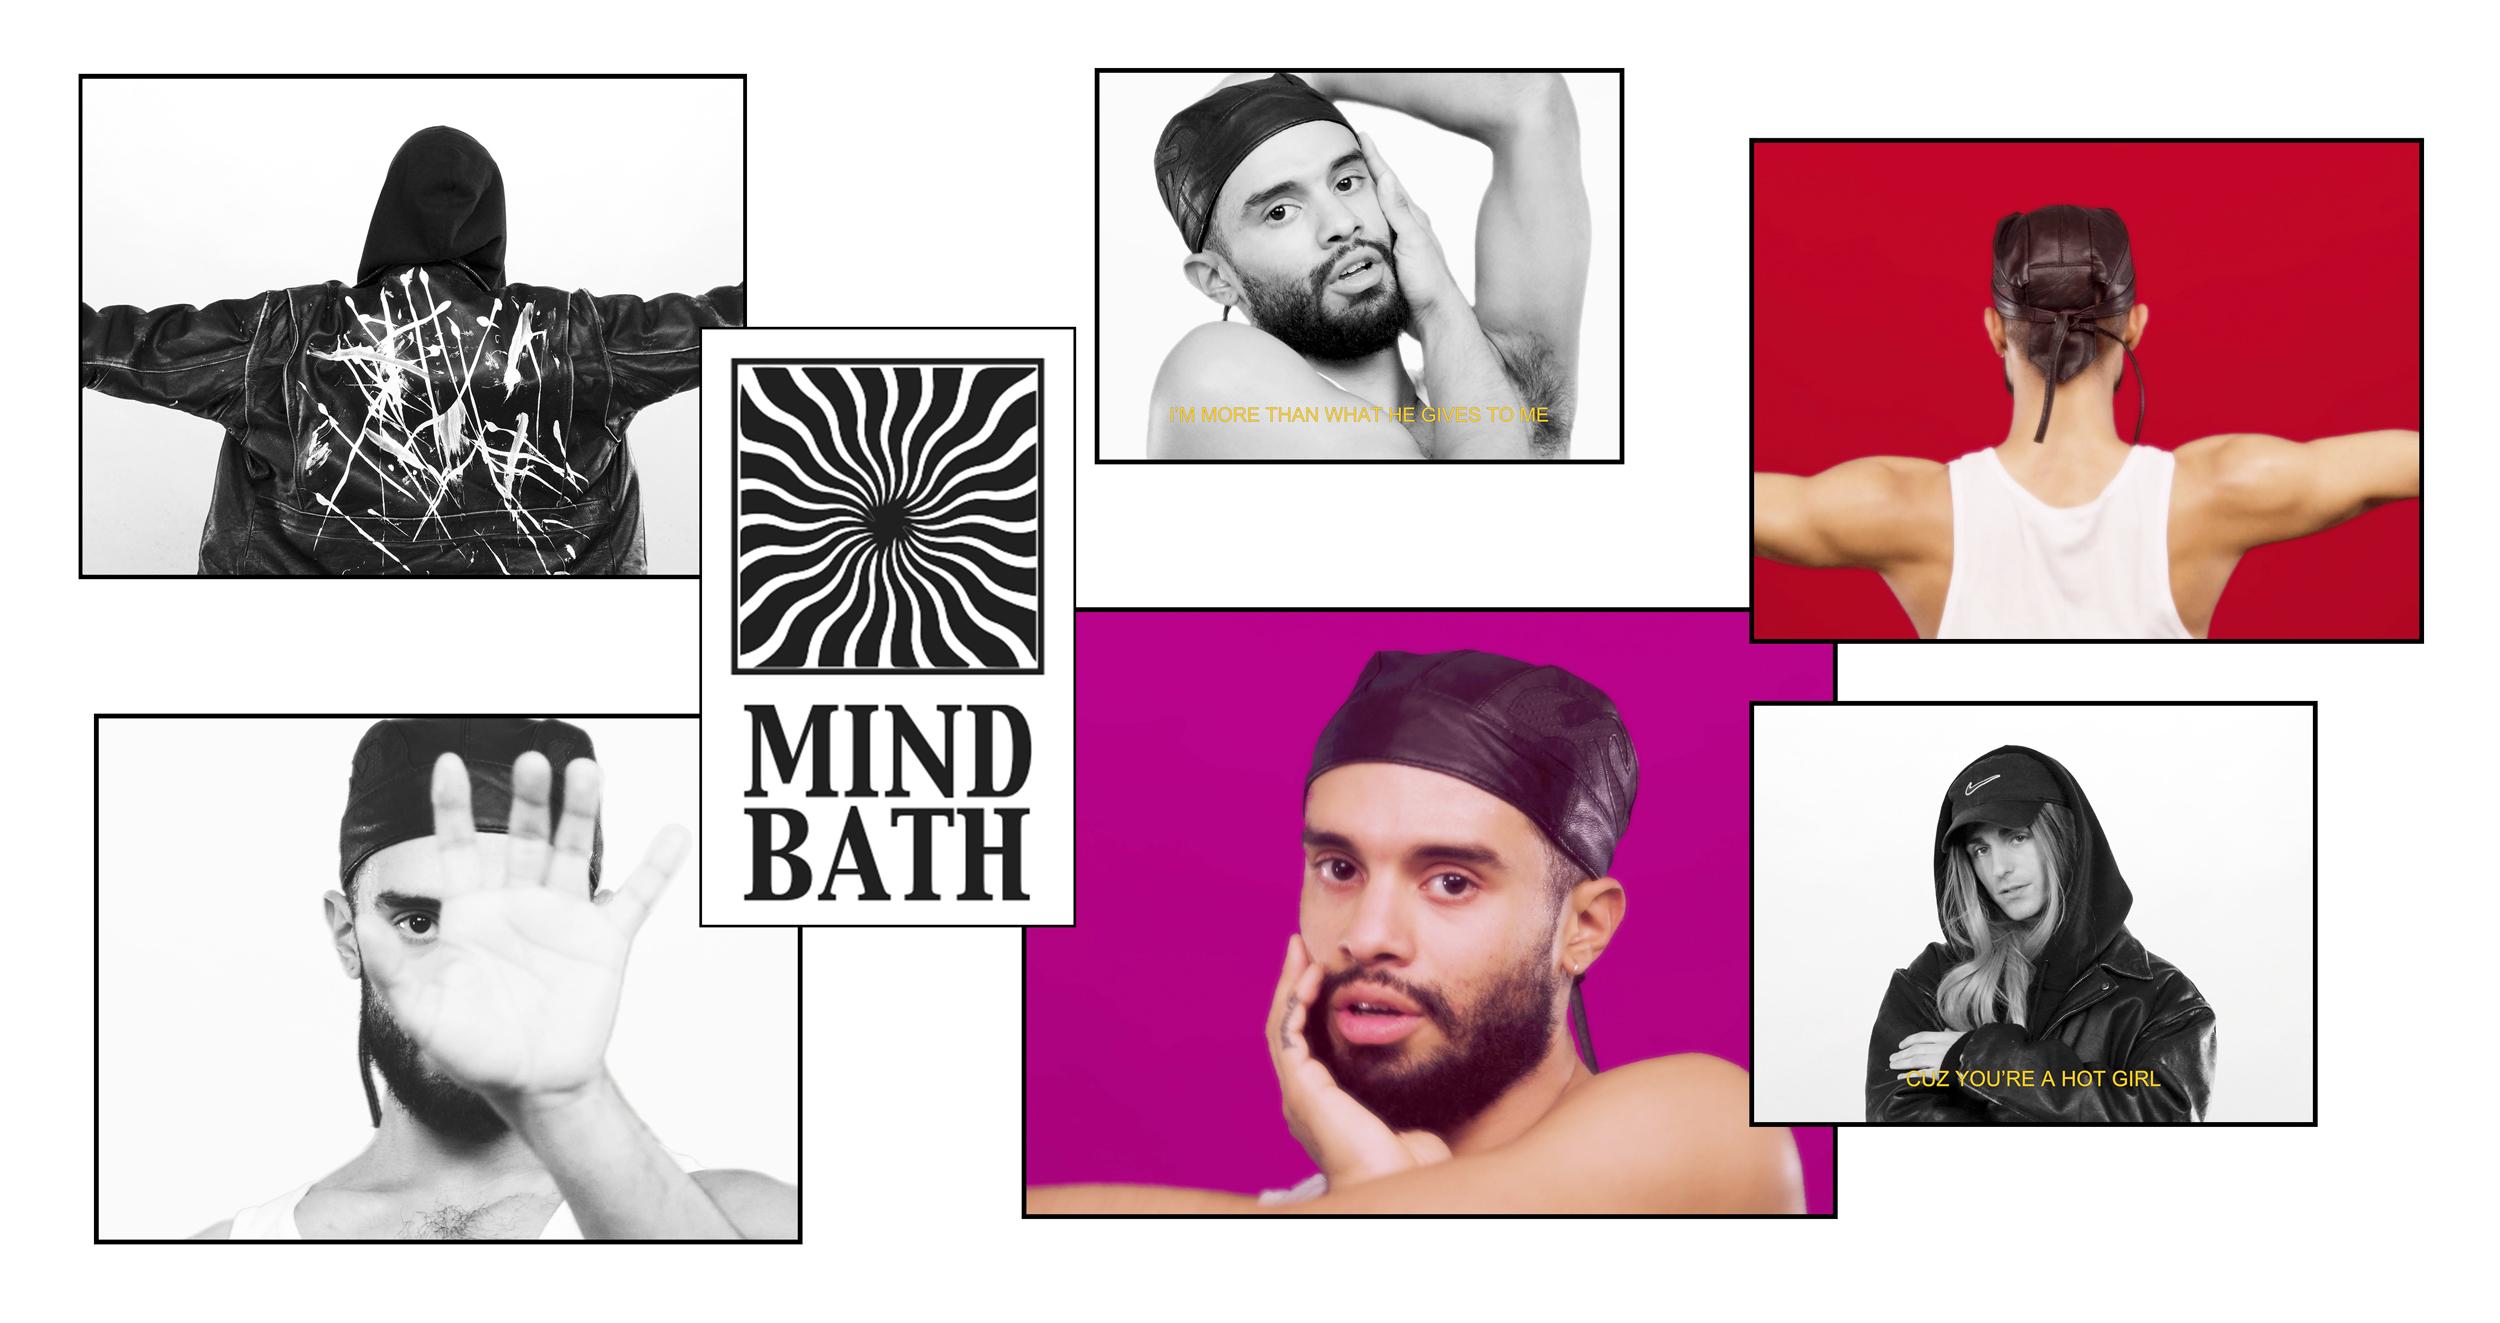 mindbath.jpg